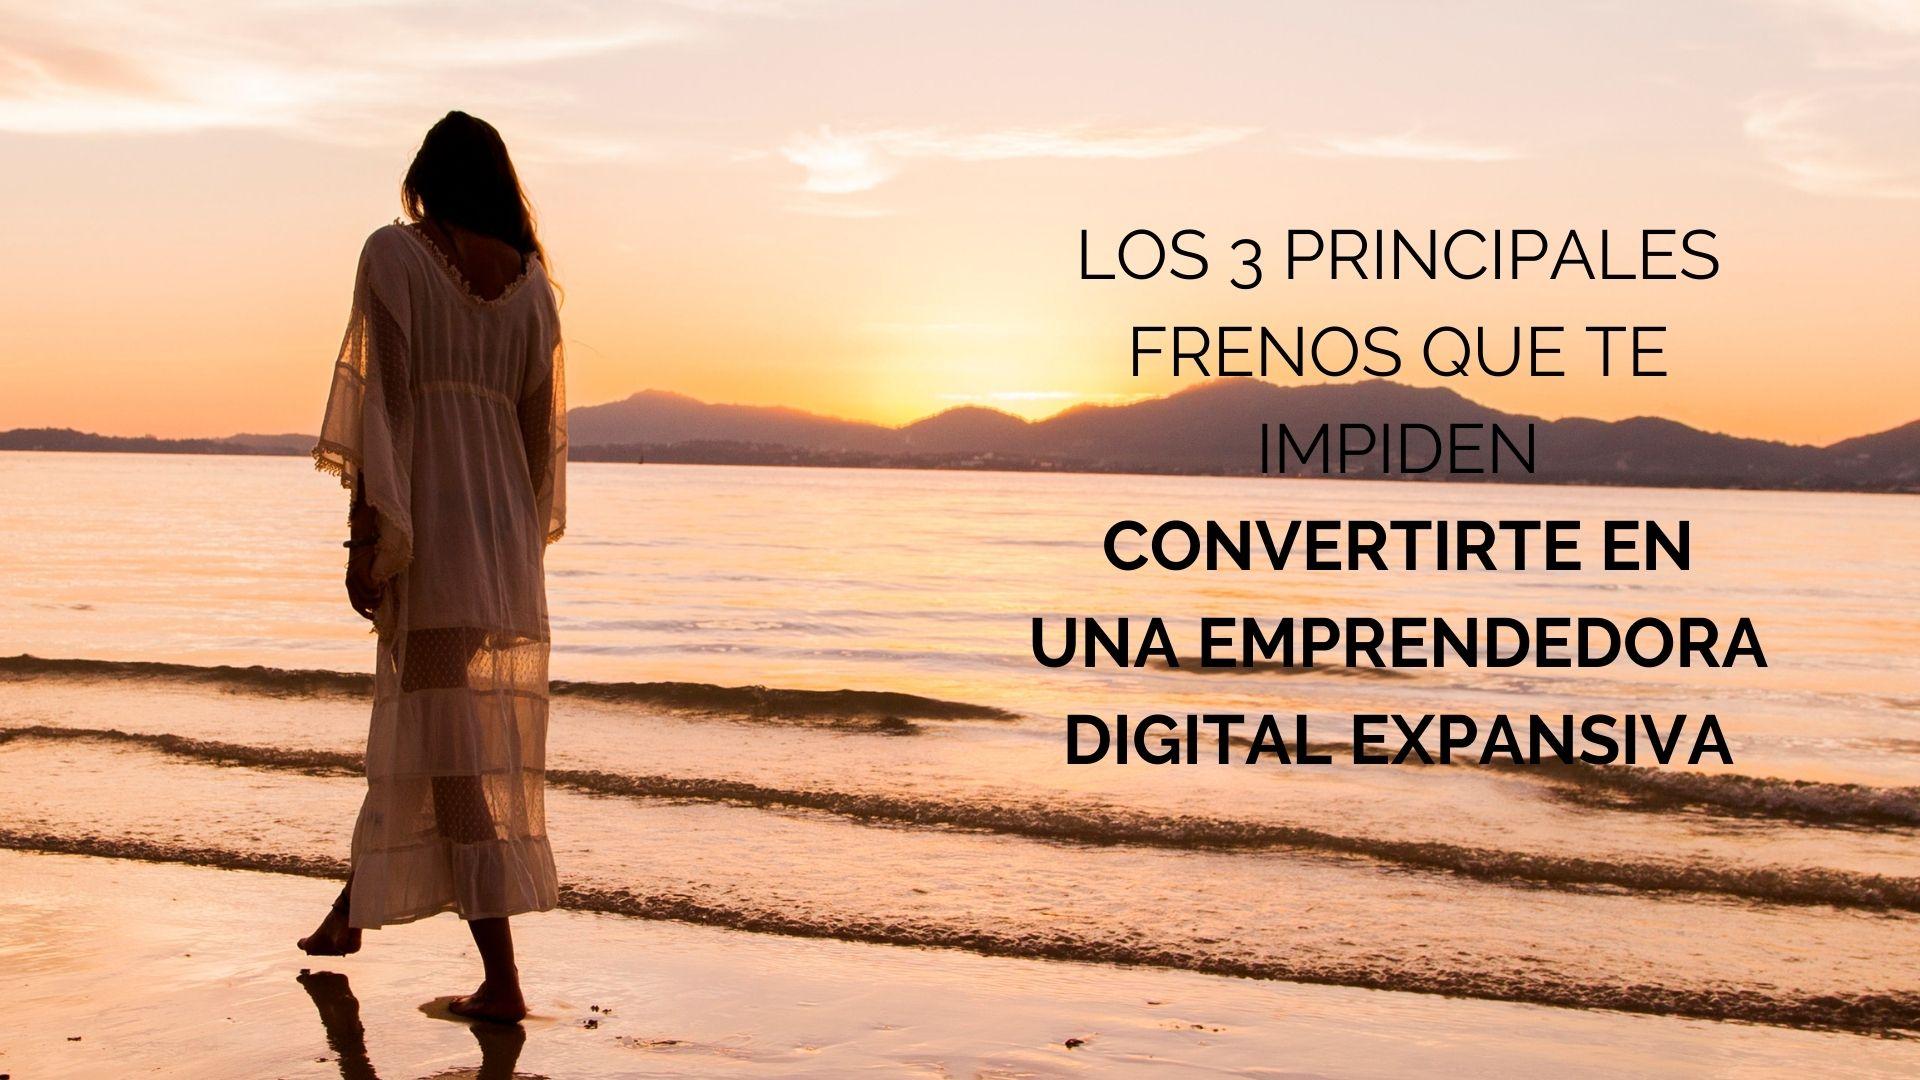 LOS 3 PRINCIPALES FRENOS QUE TE IMPIDEN convertirte en una emprendedora DIGITAL expansiva